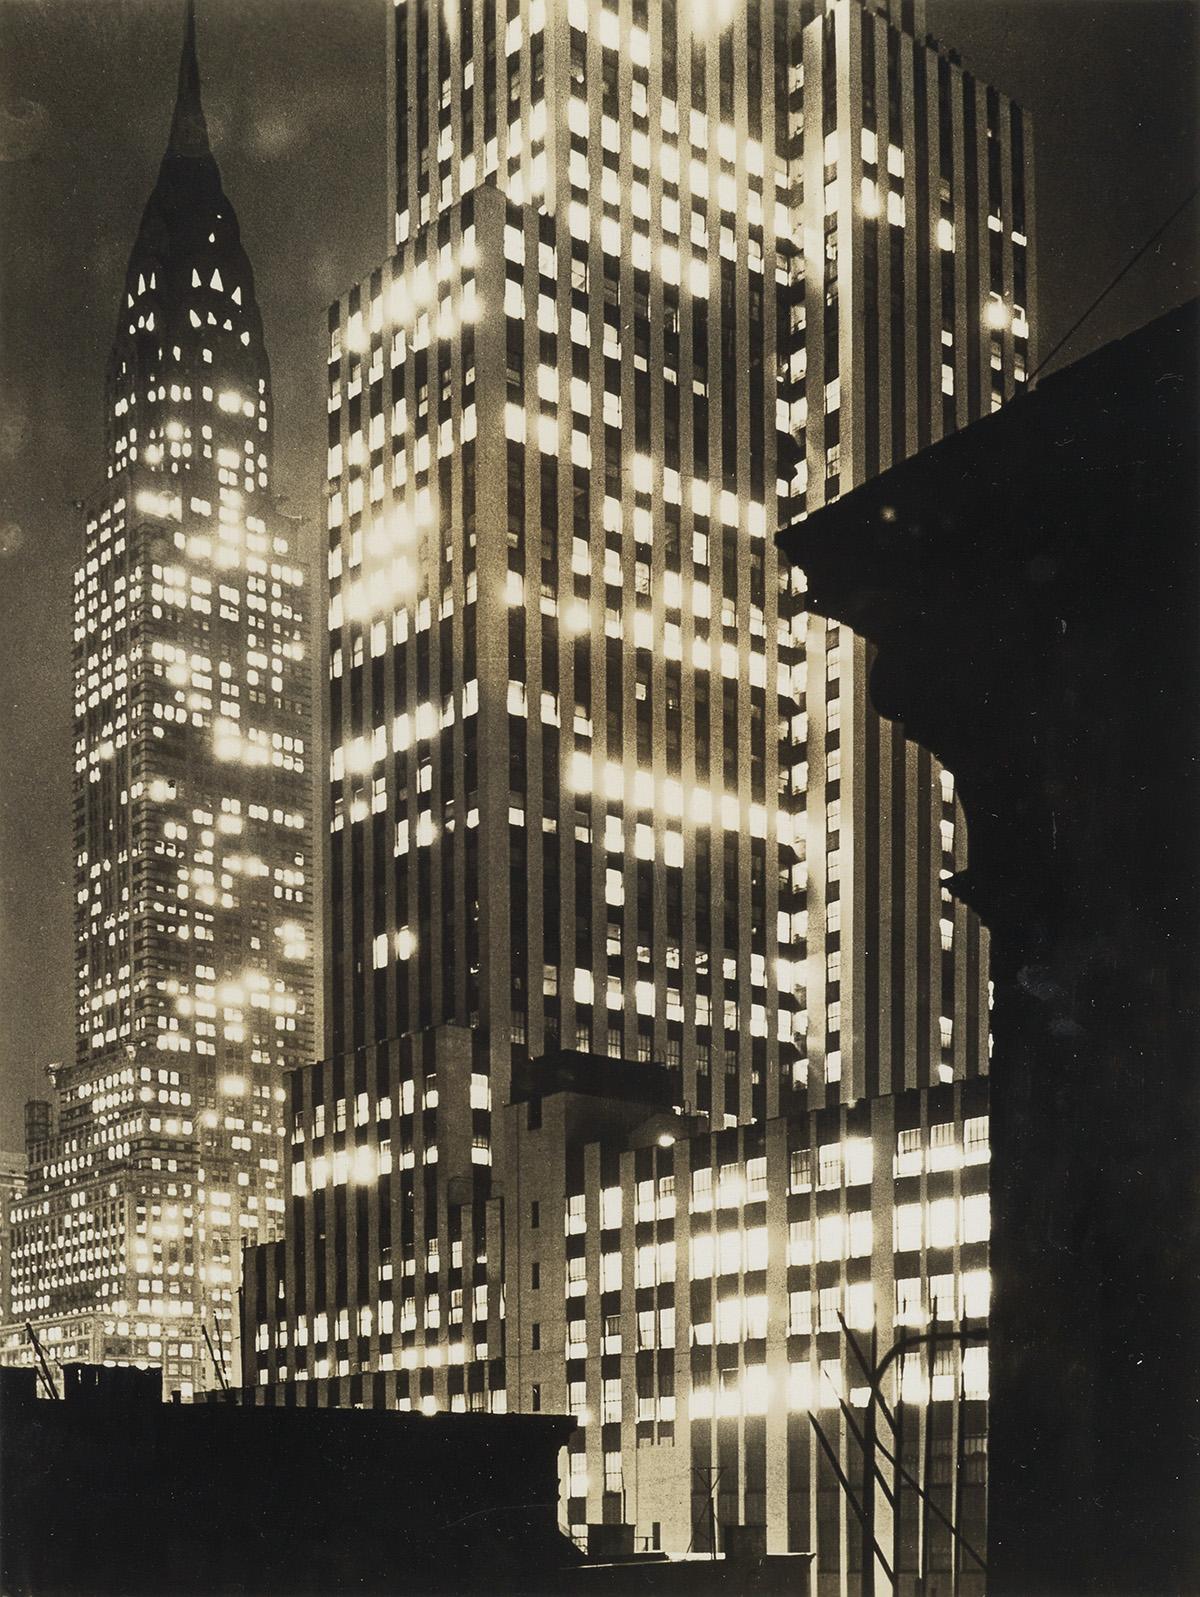 ANDREAS-FEININGER-(1906-1999)-Chrysler-Building-(Lights-of-P